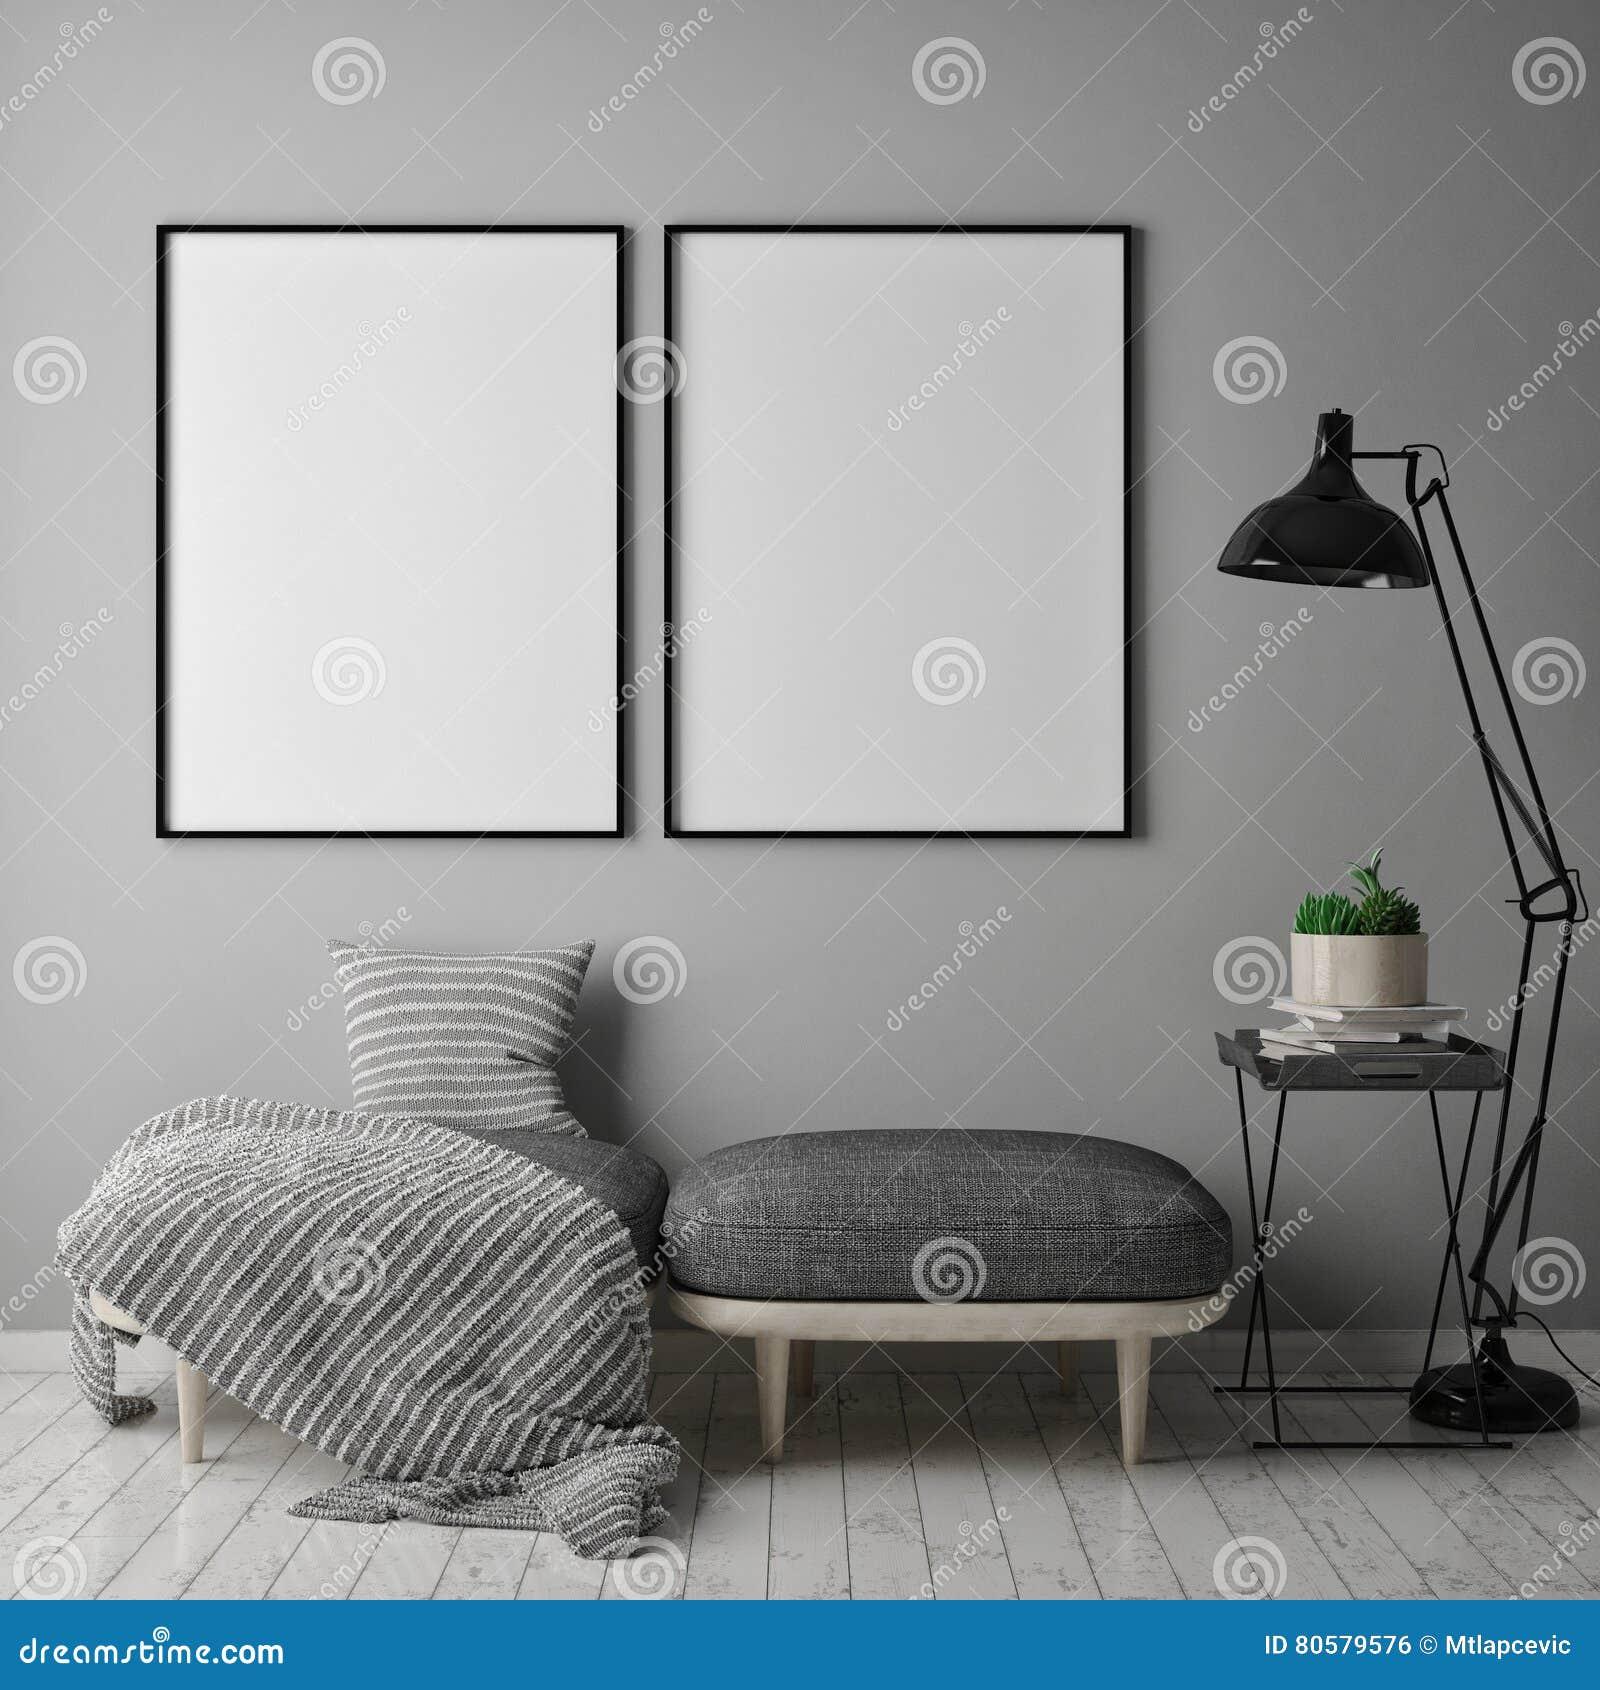 Imite encima de marco del cartel en el fondo interior del inconformista, estilo escandinavo, 3D rinden,